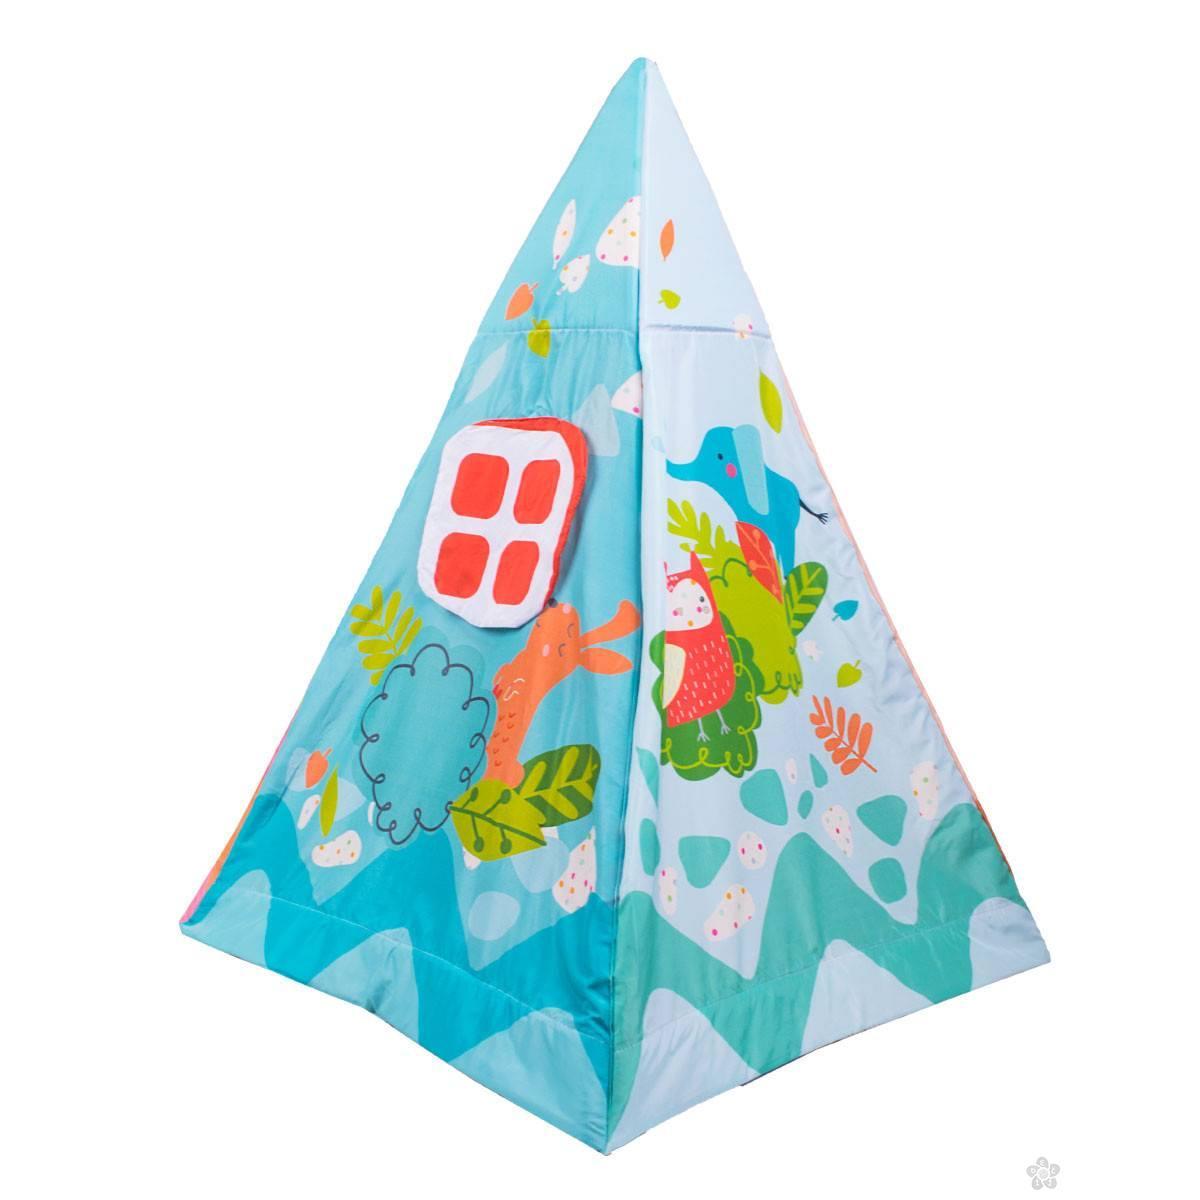 Jungle šator i podloga za igru 013006, plavi